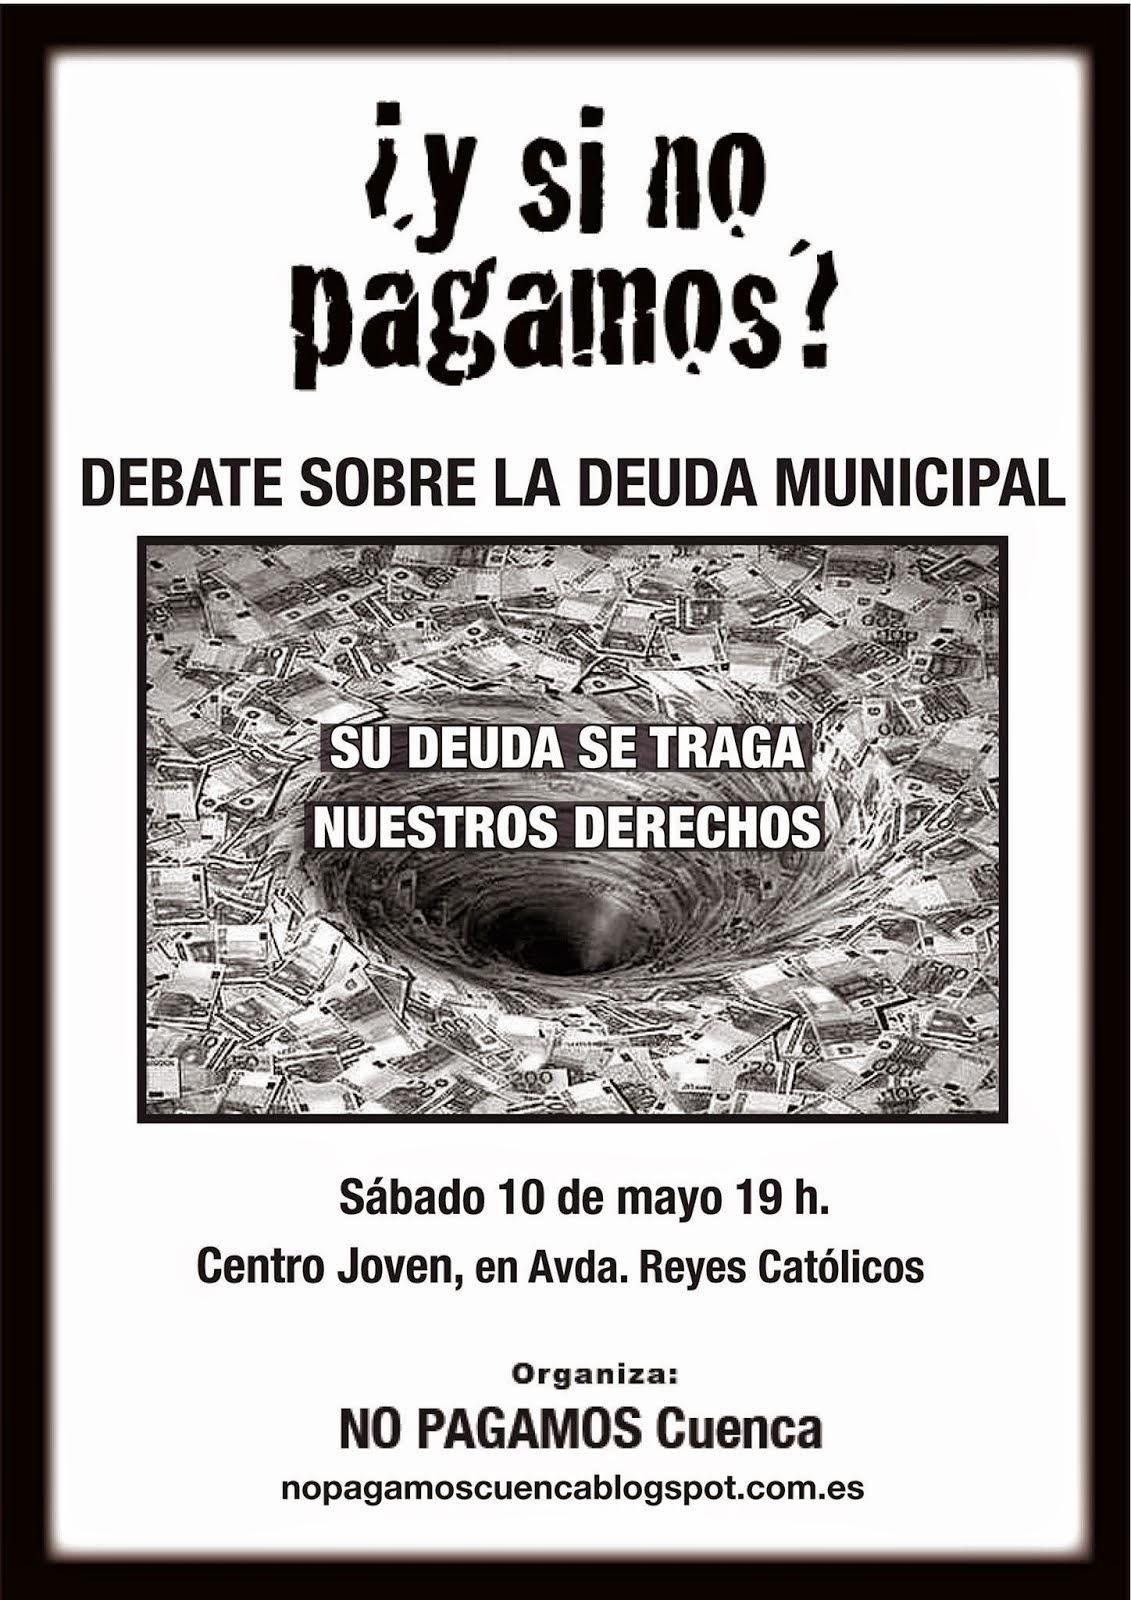 Sábado 10, 19 h.: Debate sobre la deuda municipal